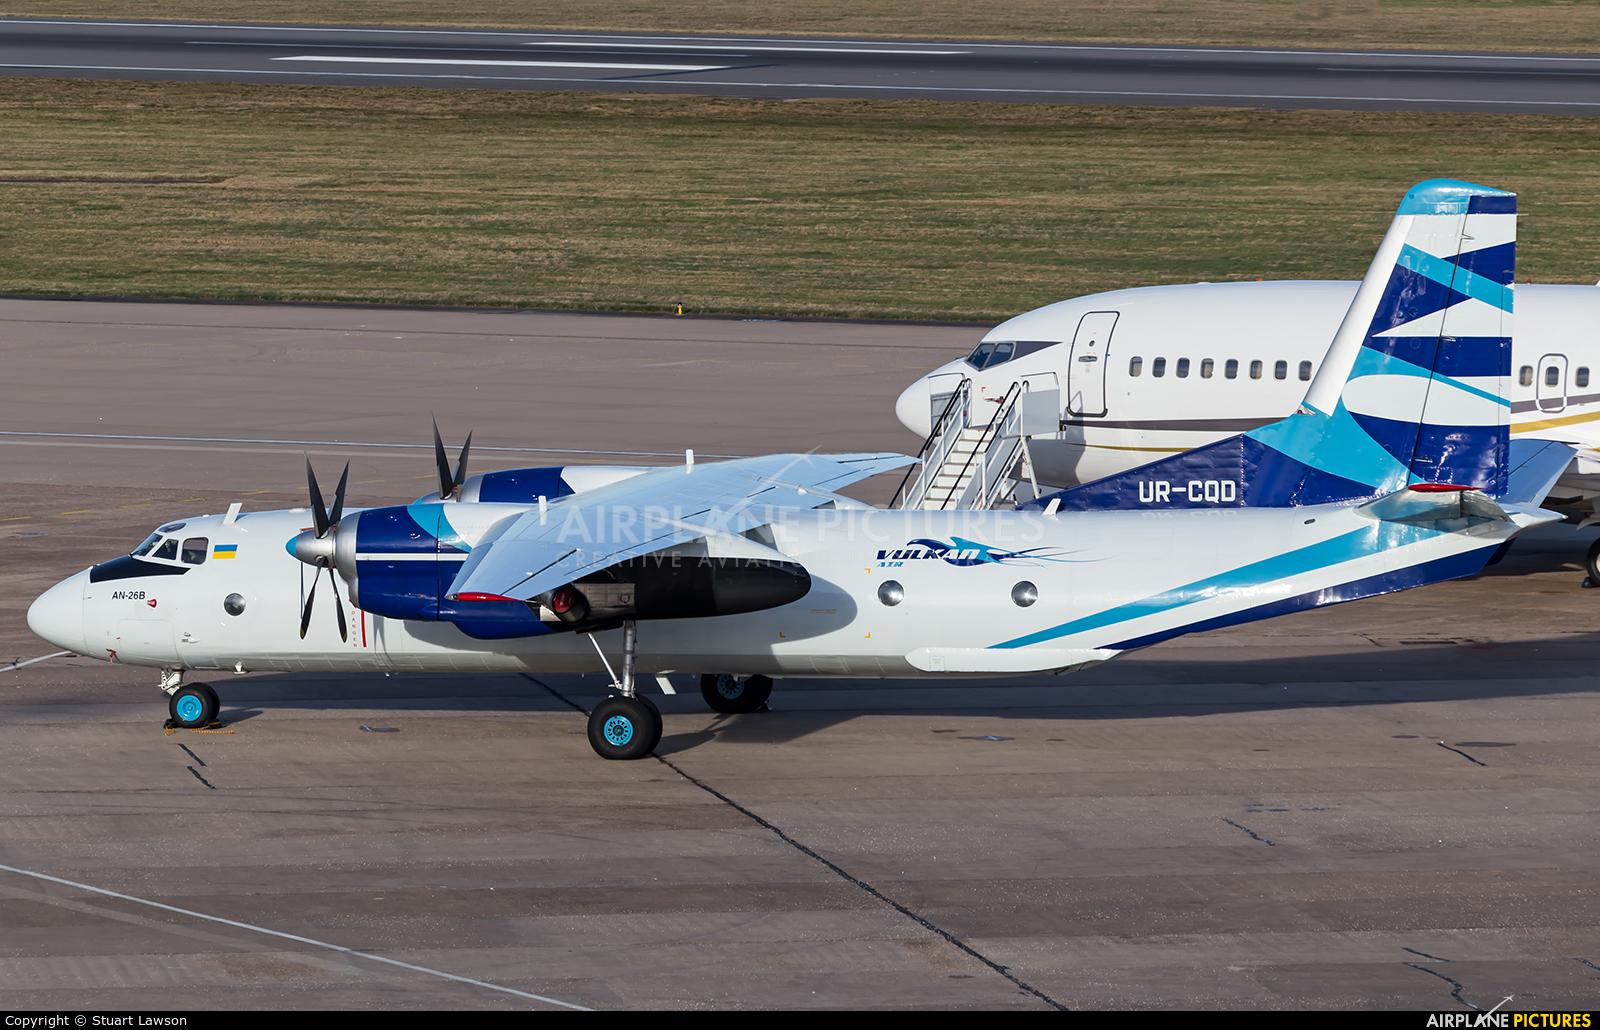 Vulkan Air UR-CQD aircraft at Birmingham